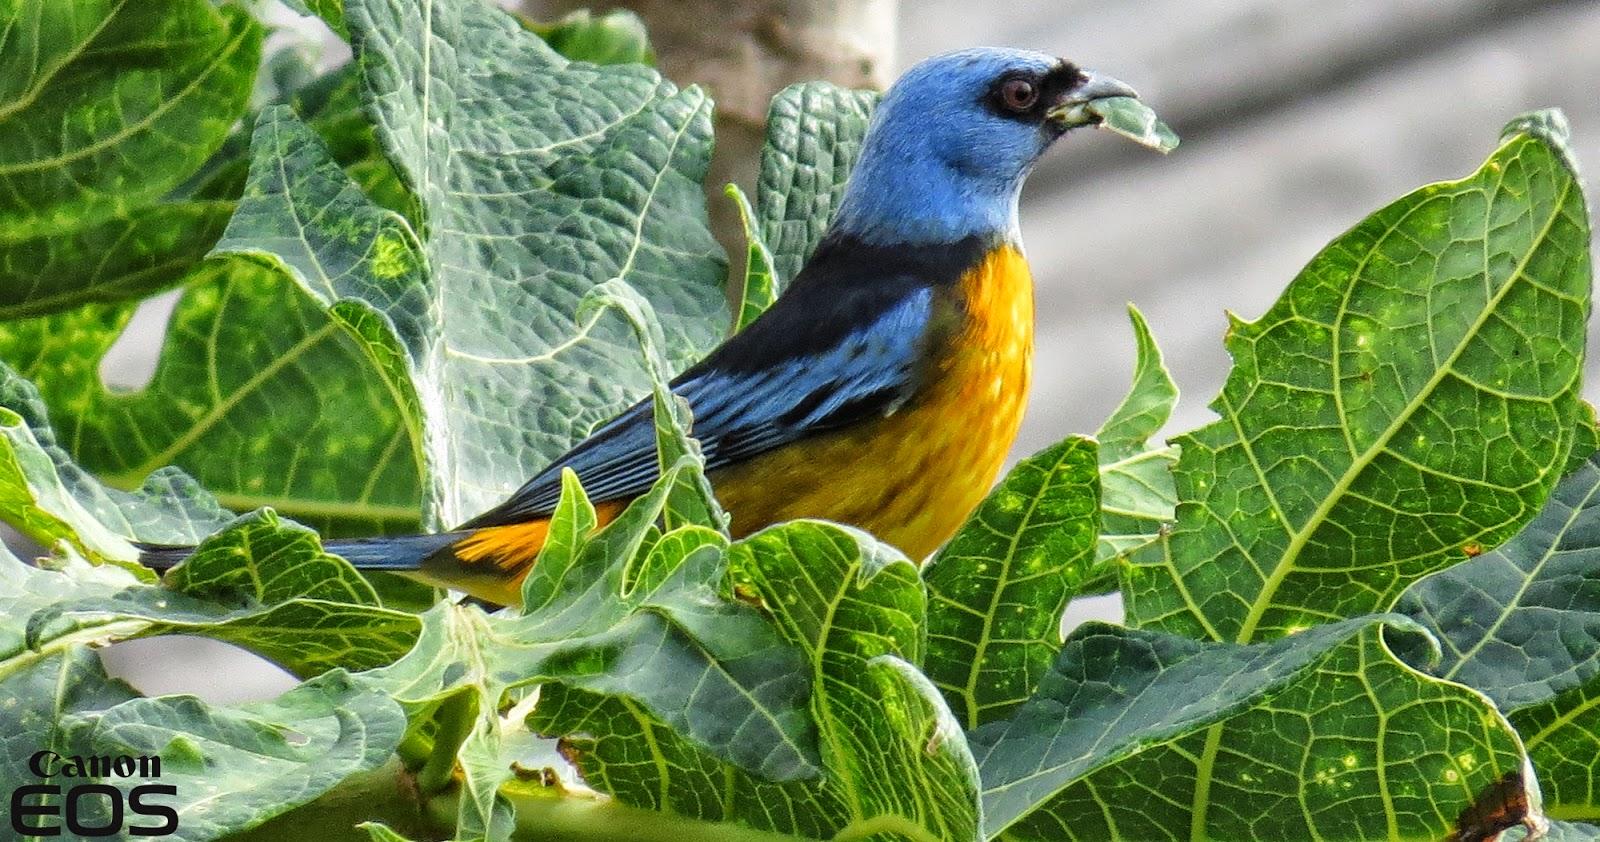 A Arte da Fotografia Pássaros Silvestres Borrazópolis